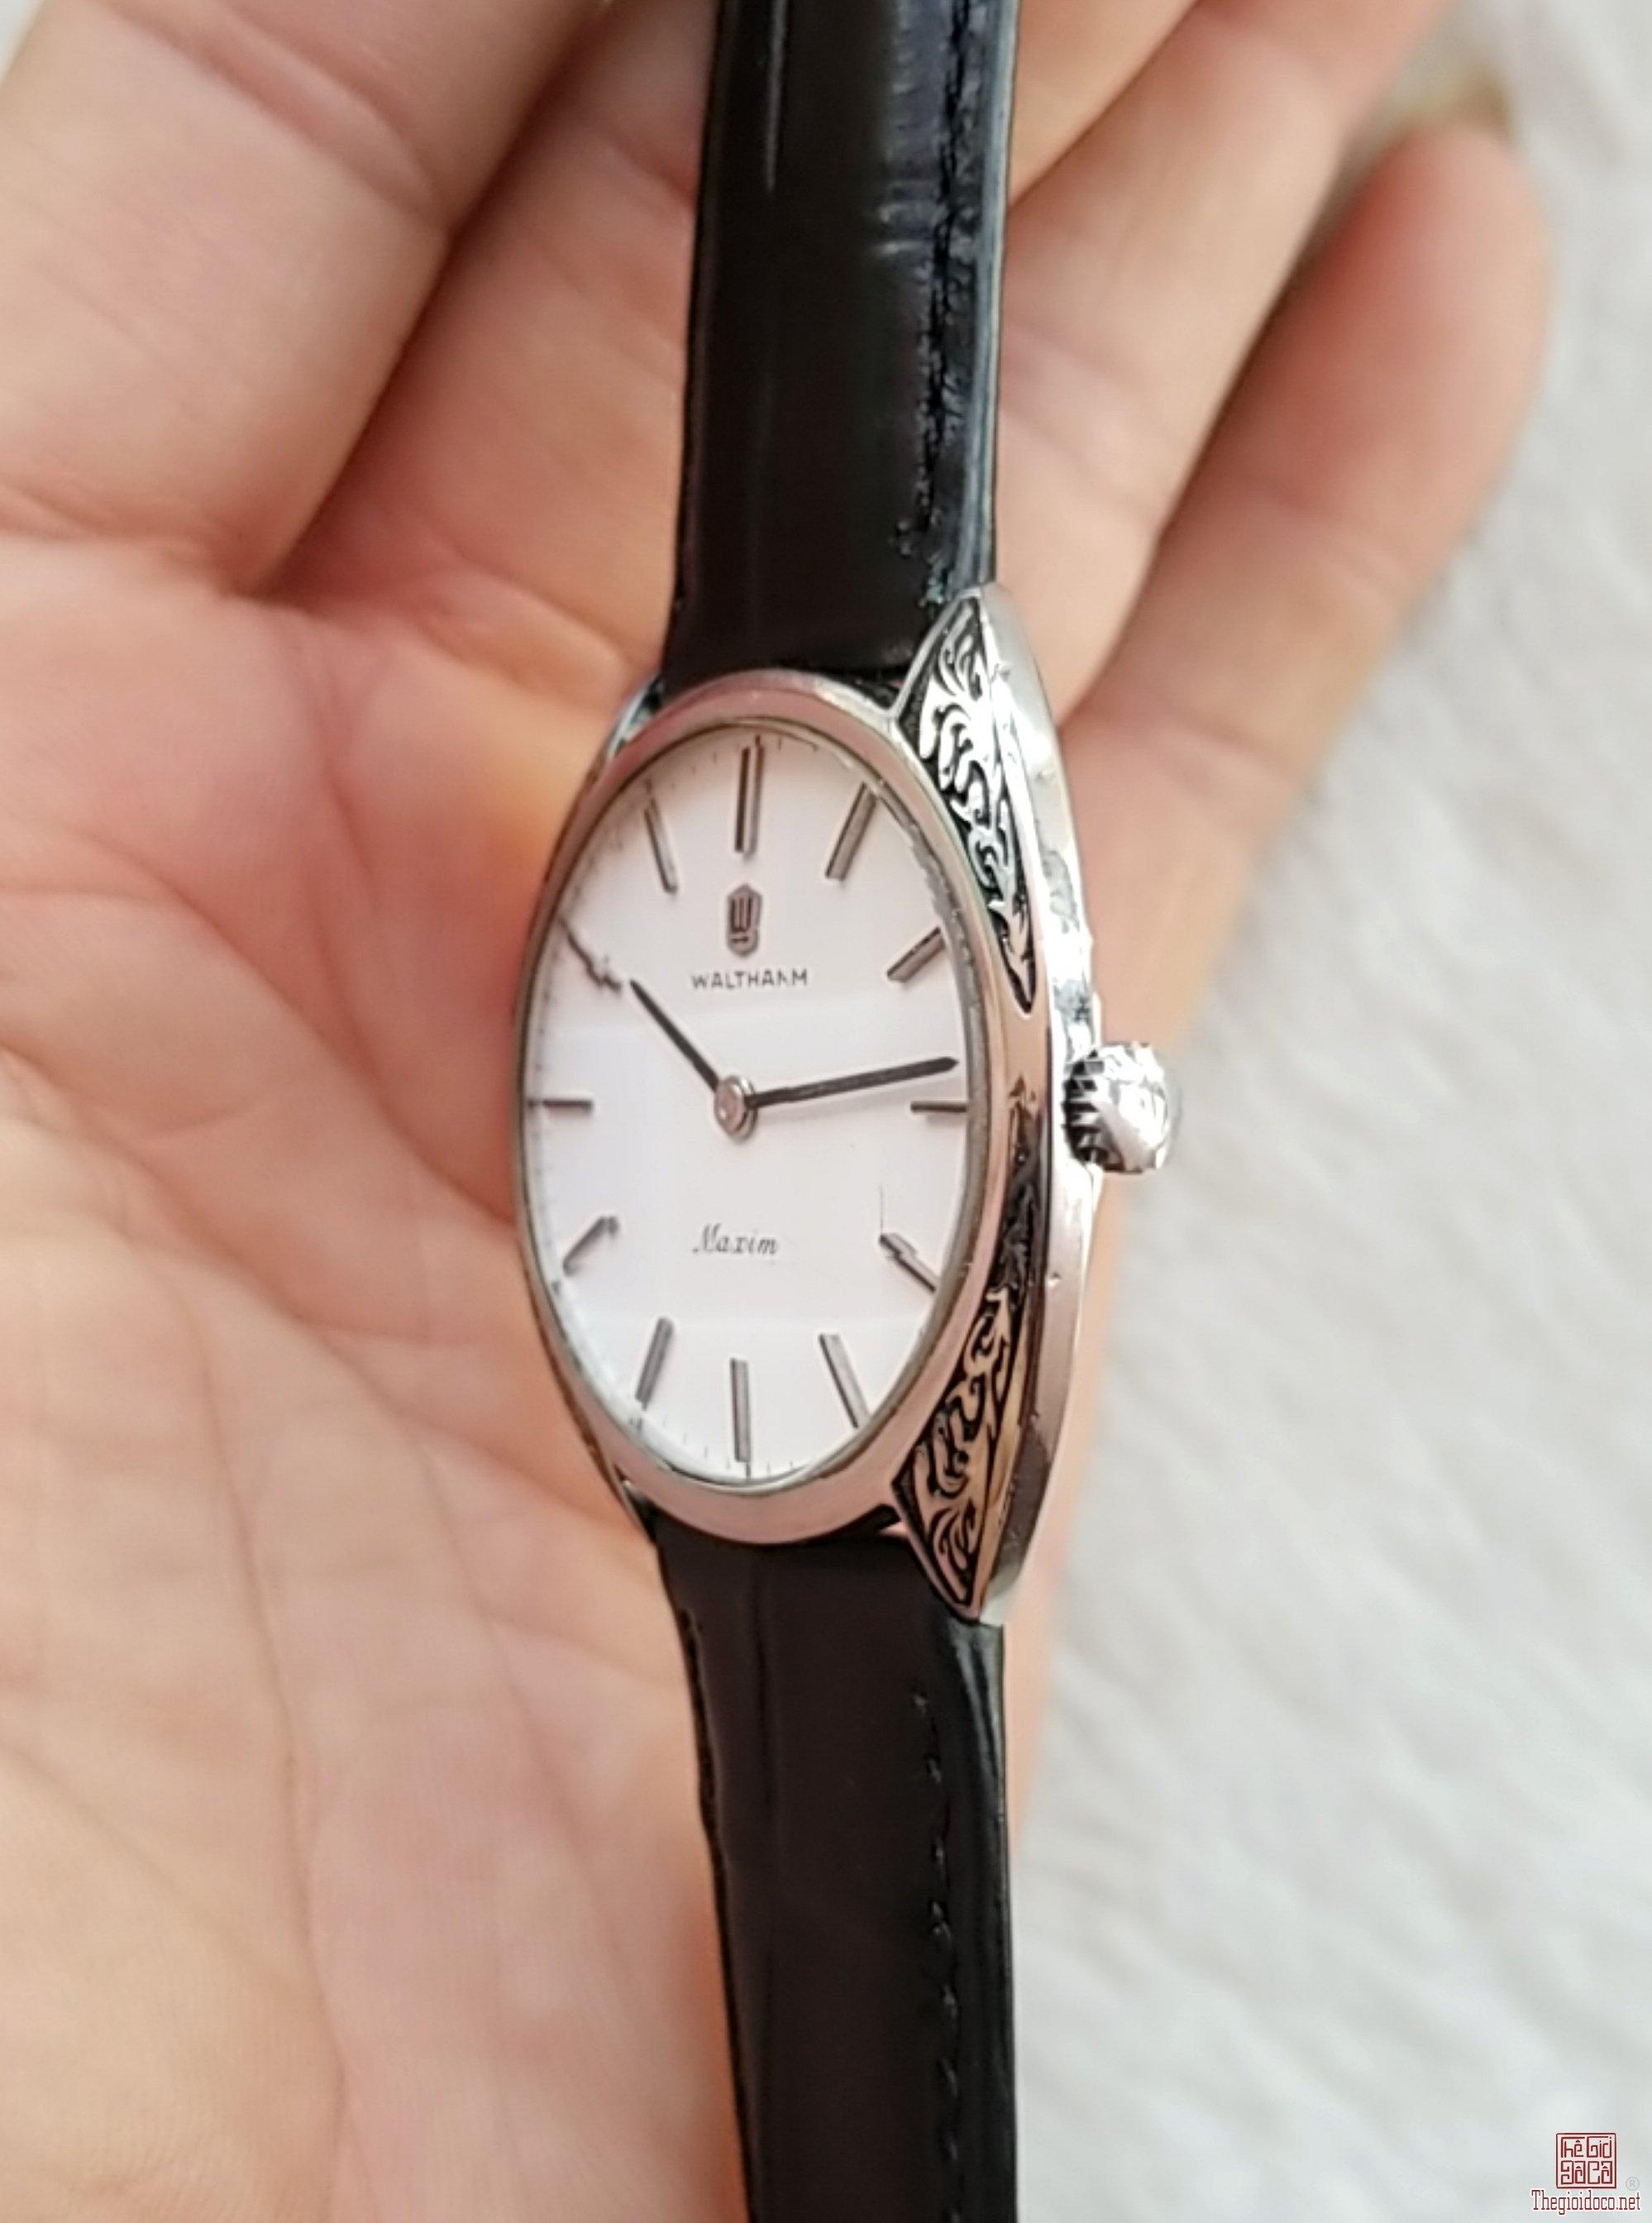 Đồng hồ xưa lên dây WALTHAM Thụy Sỹ